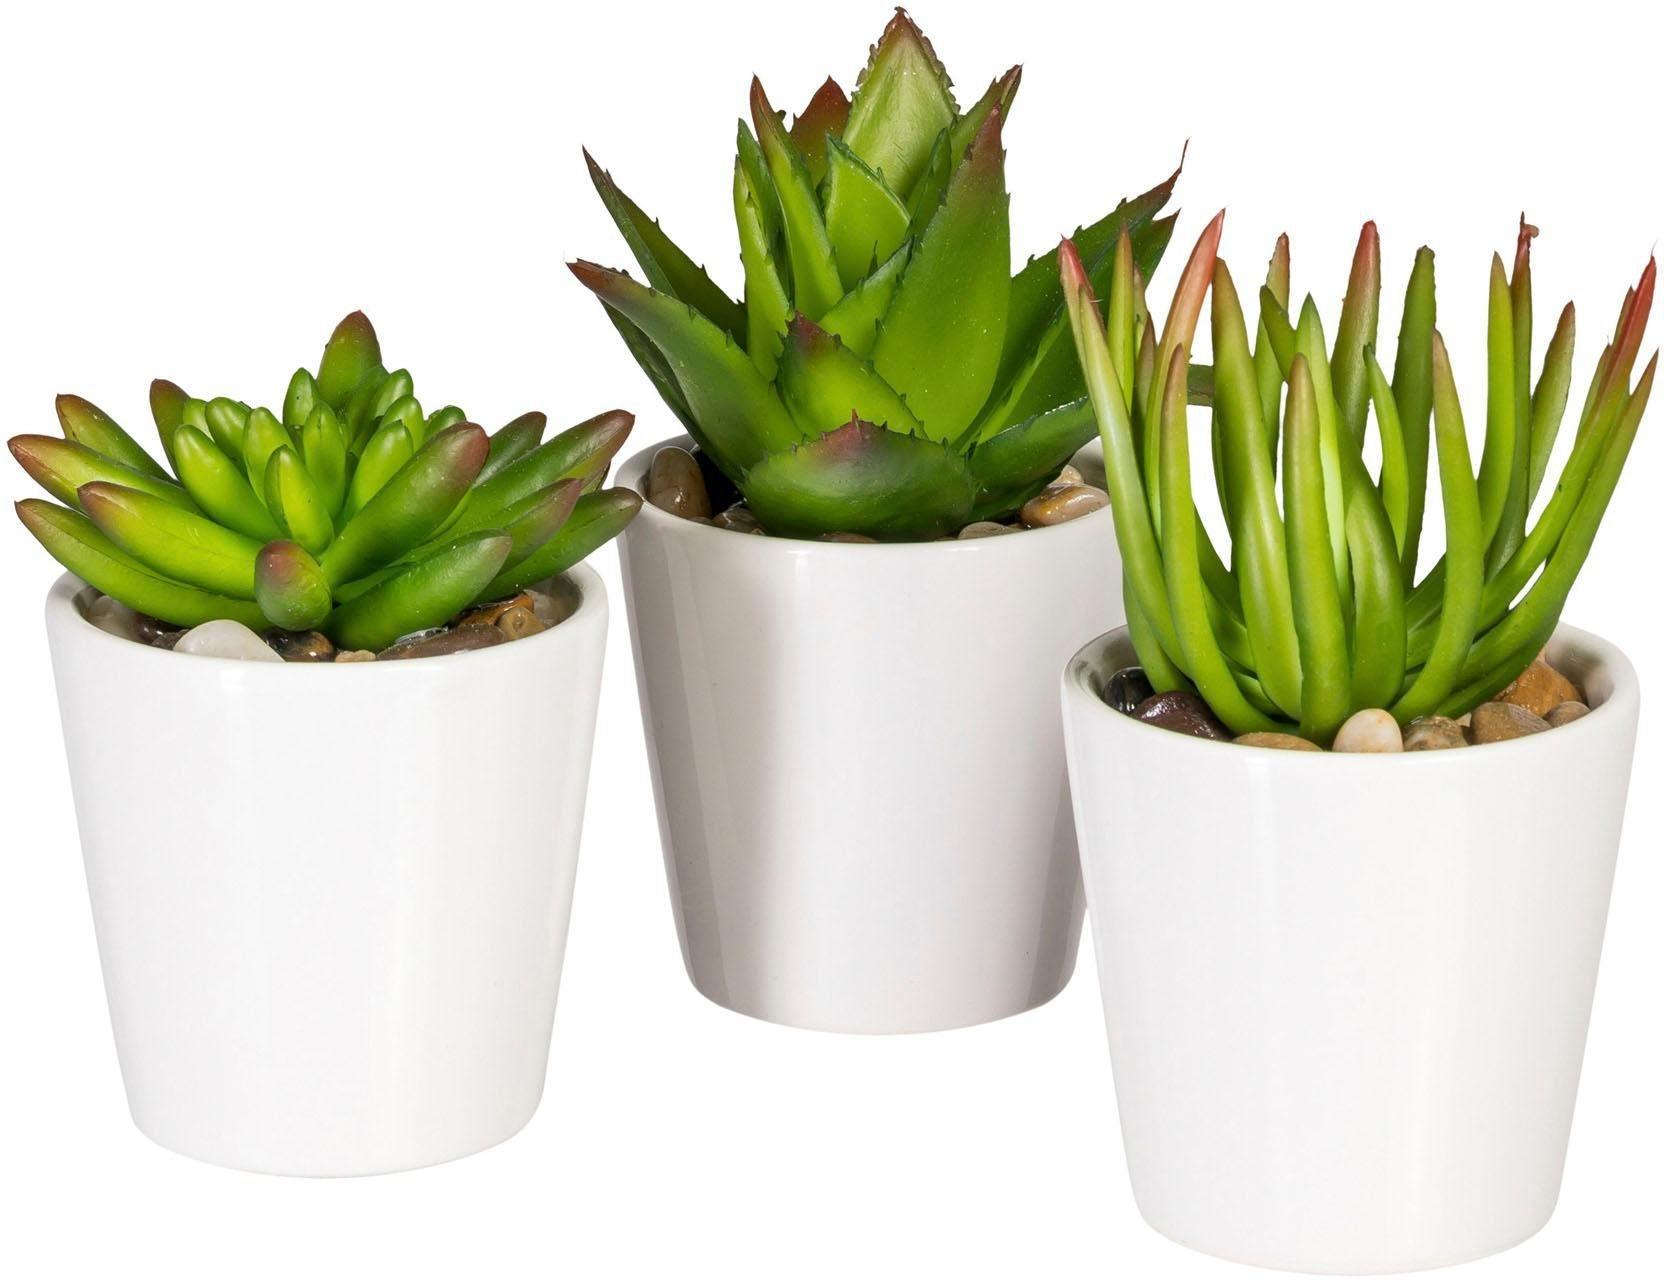 Pflanzen online kaufen Möbel Suchmaschine ladendirekt de ~ 01004223_Sukkulenten Als Zimmerpflanze